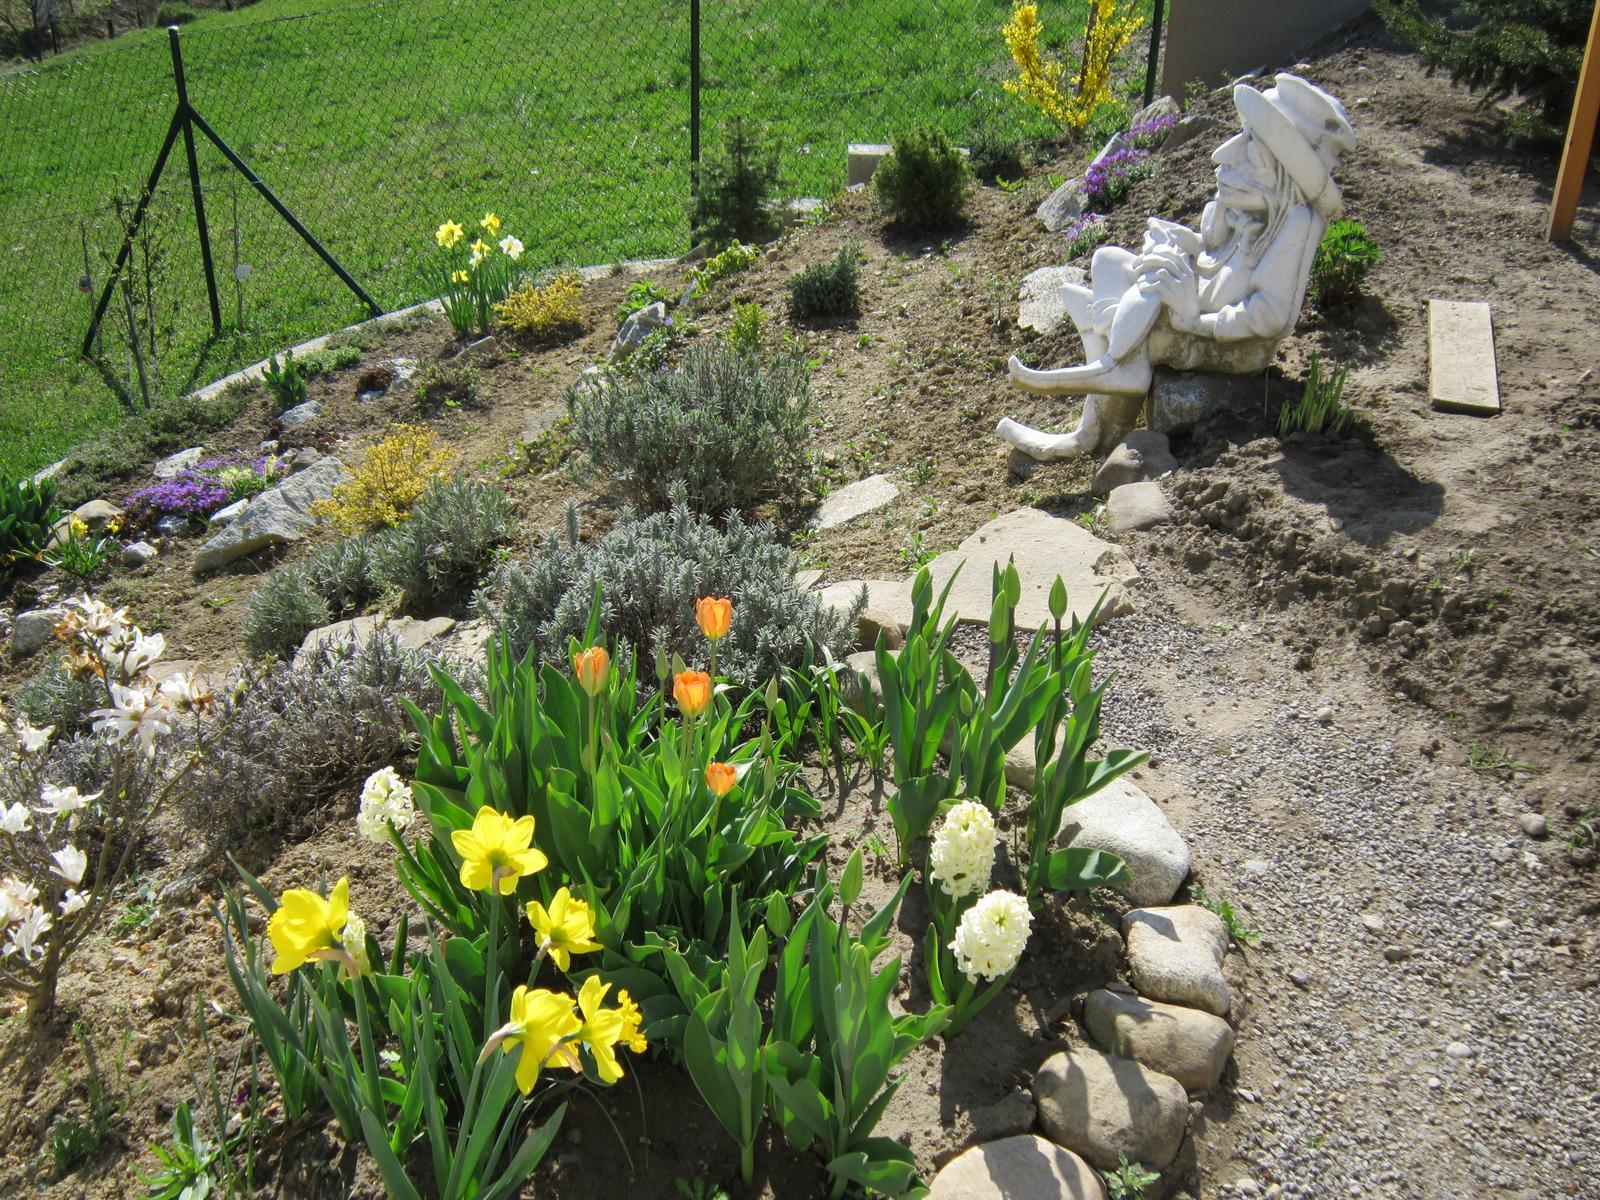 Moja záhrada...ako šiel čas - vodník zatiaľ nemá jazierko,tak sa kochá krásnym výhľadom...